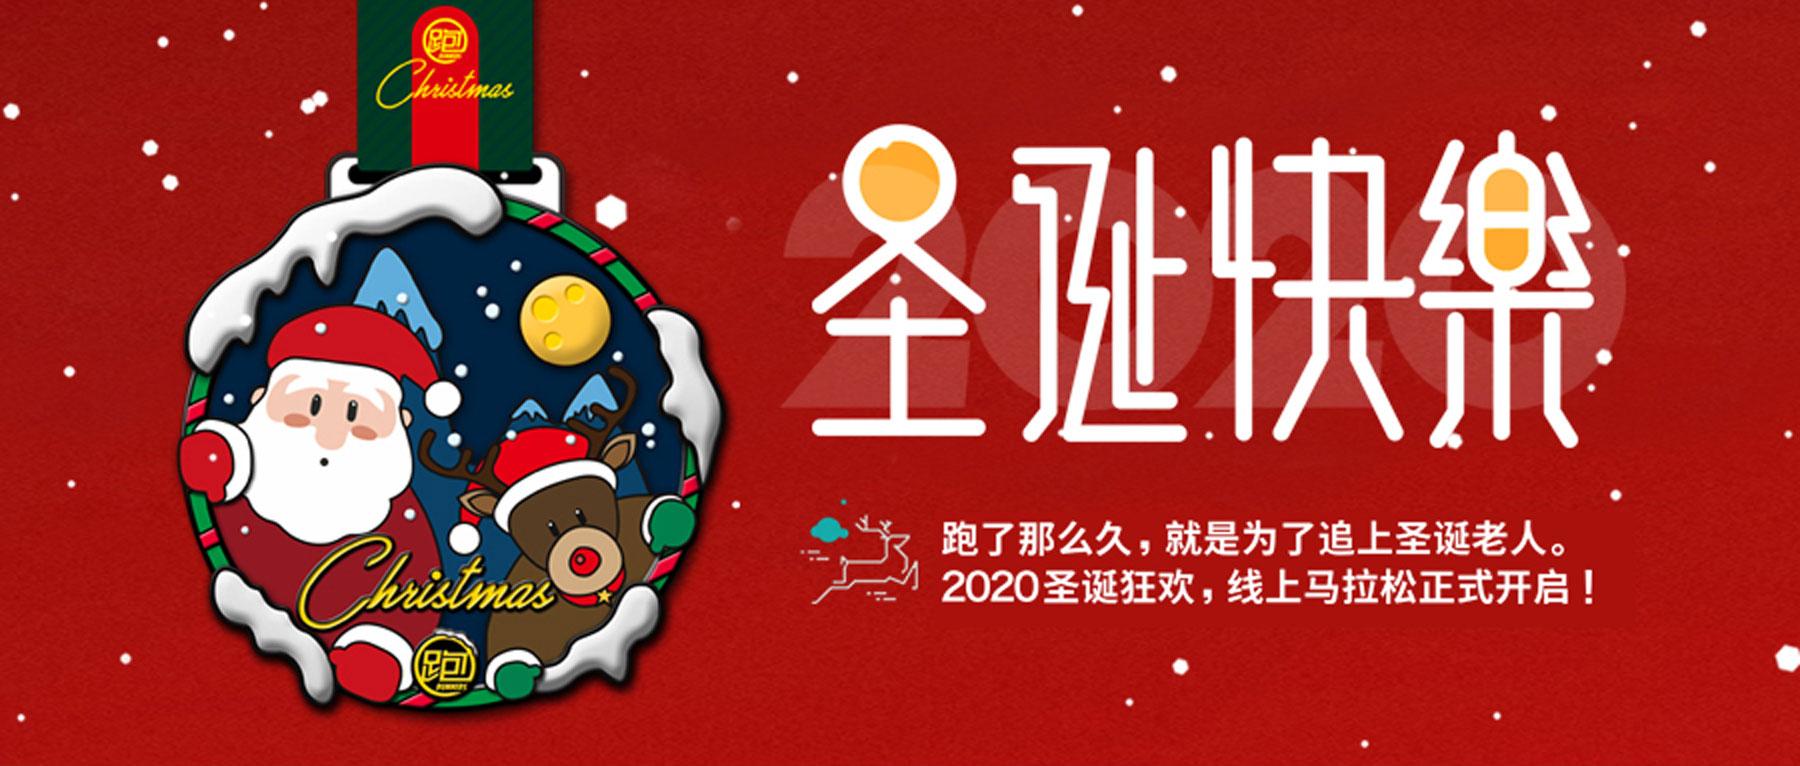 2020圣诞狂欢线上马拉松